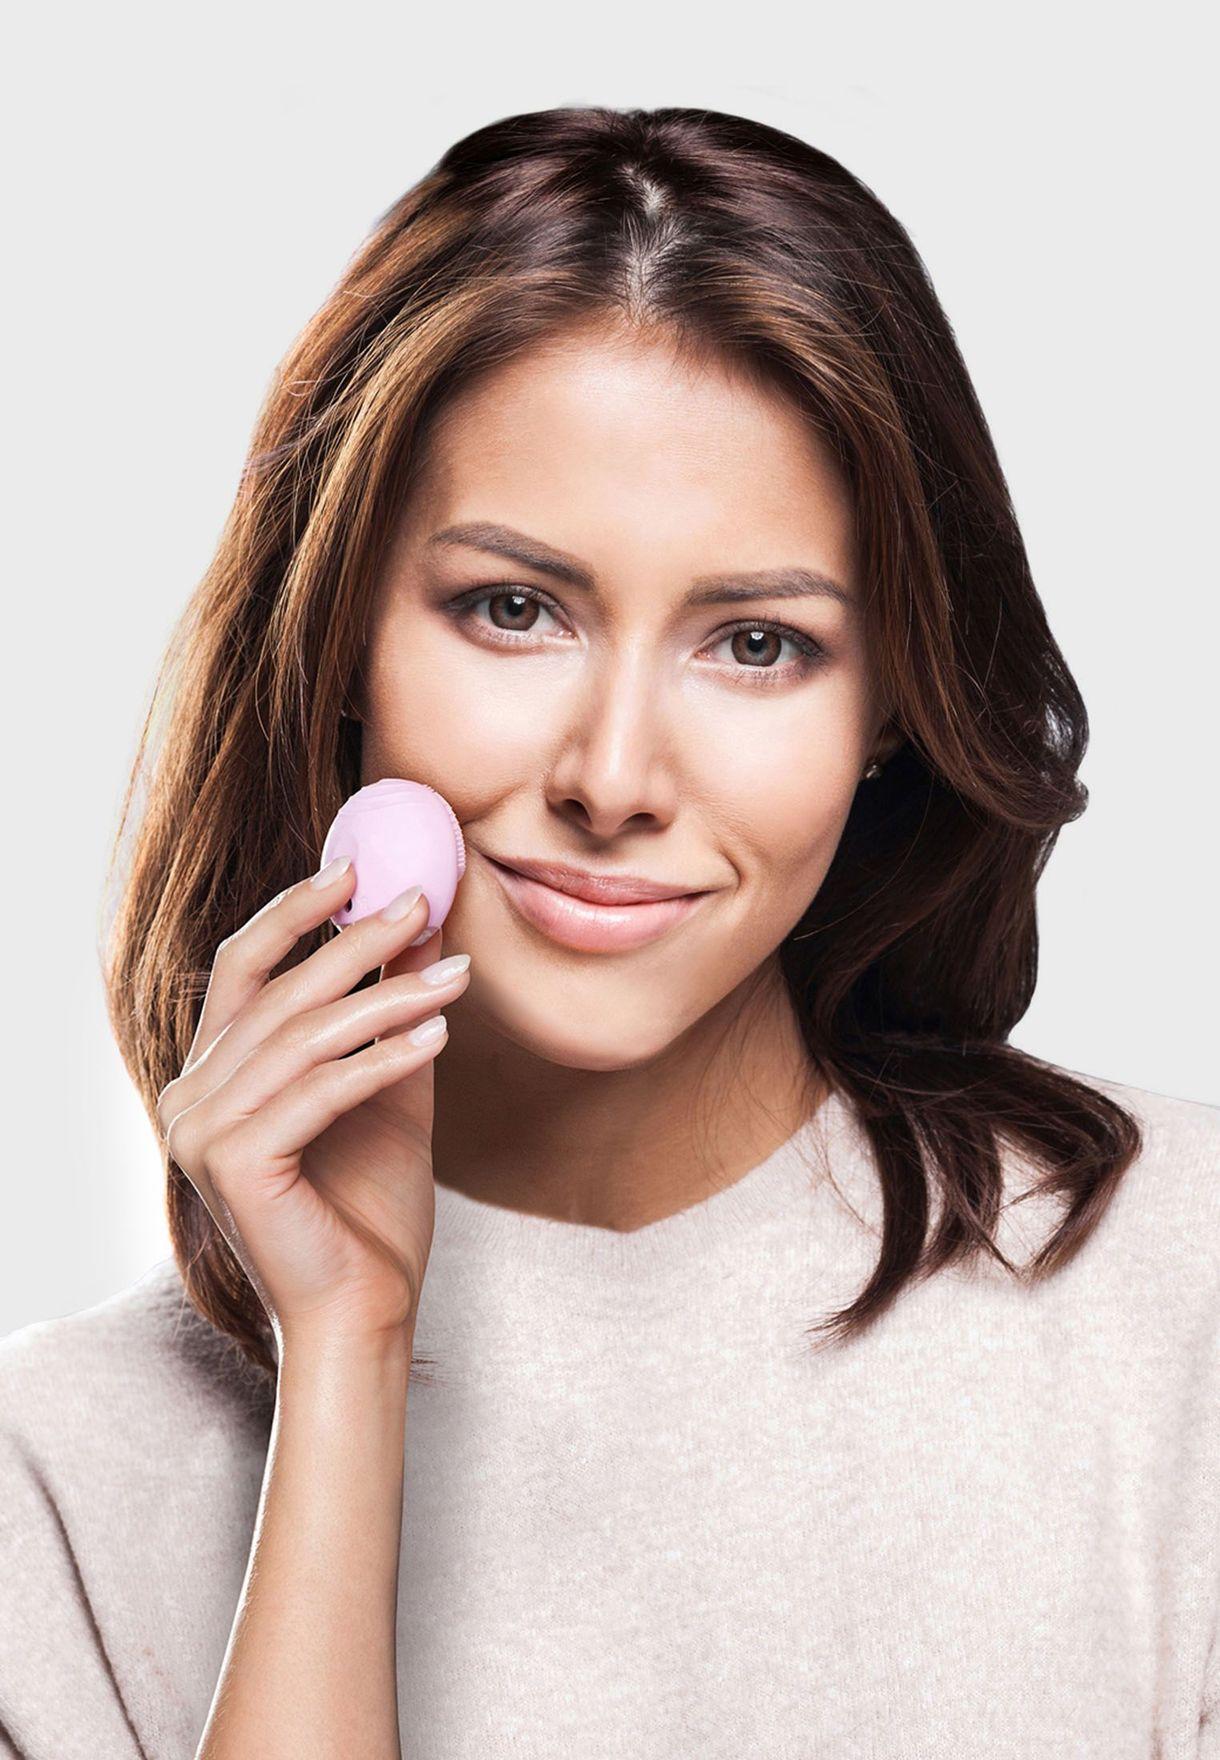 فرشاة لونا جو لتنظيف الوجه - للبشرة العادية